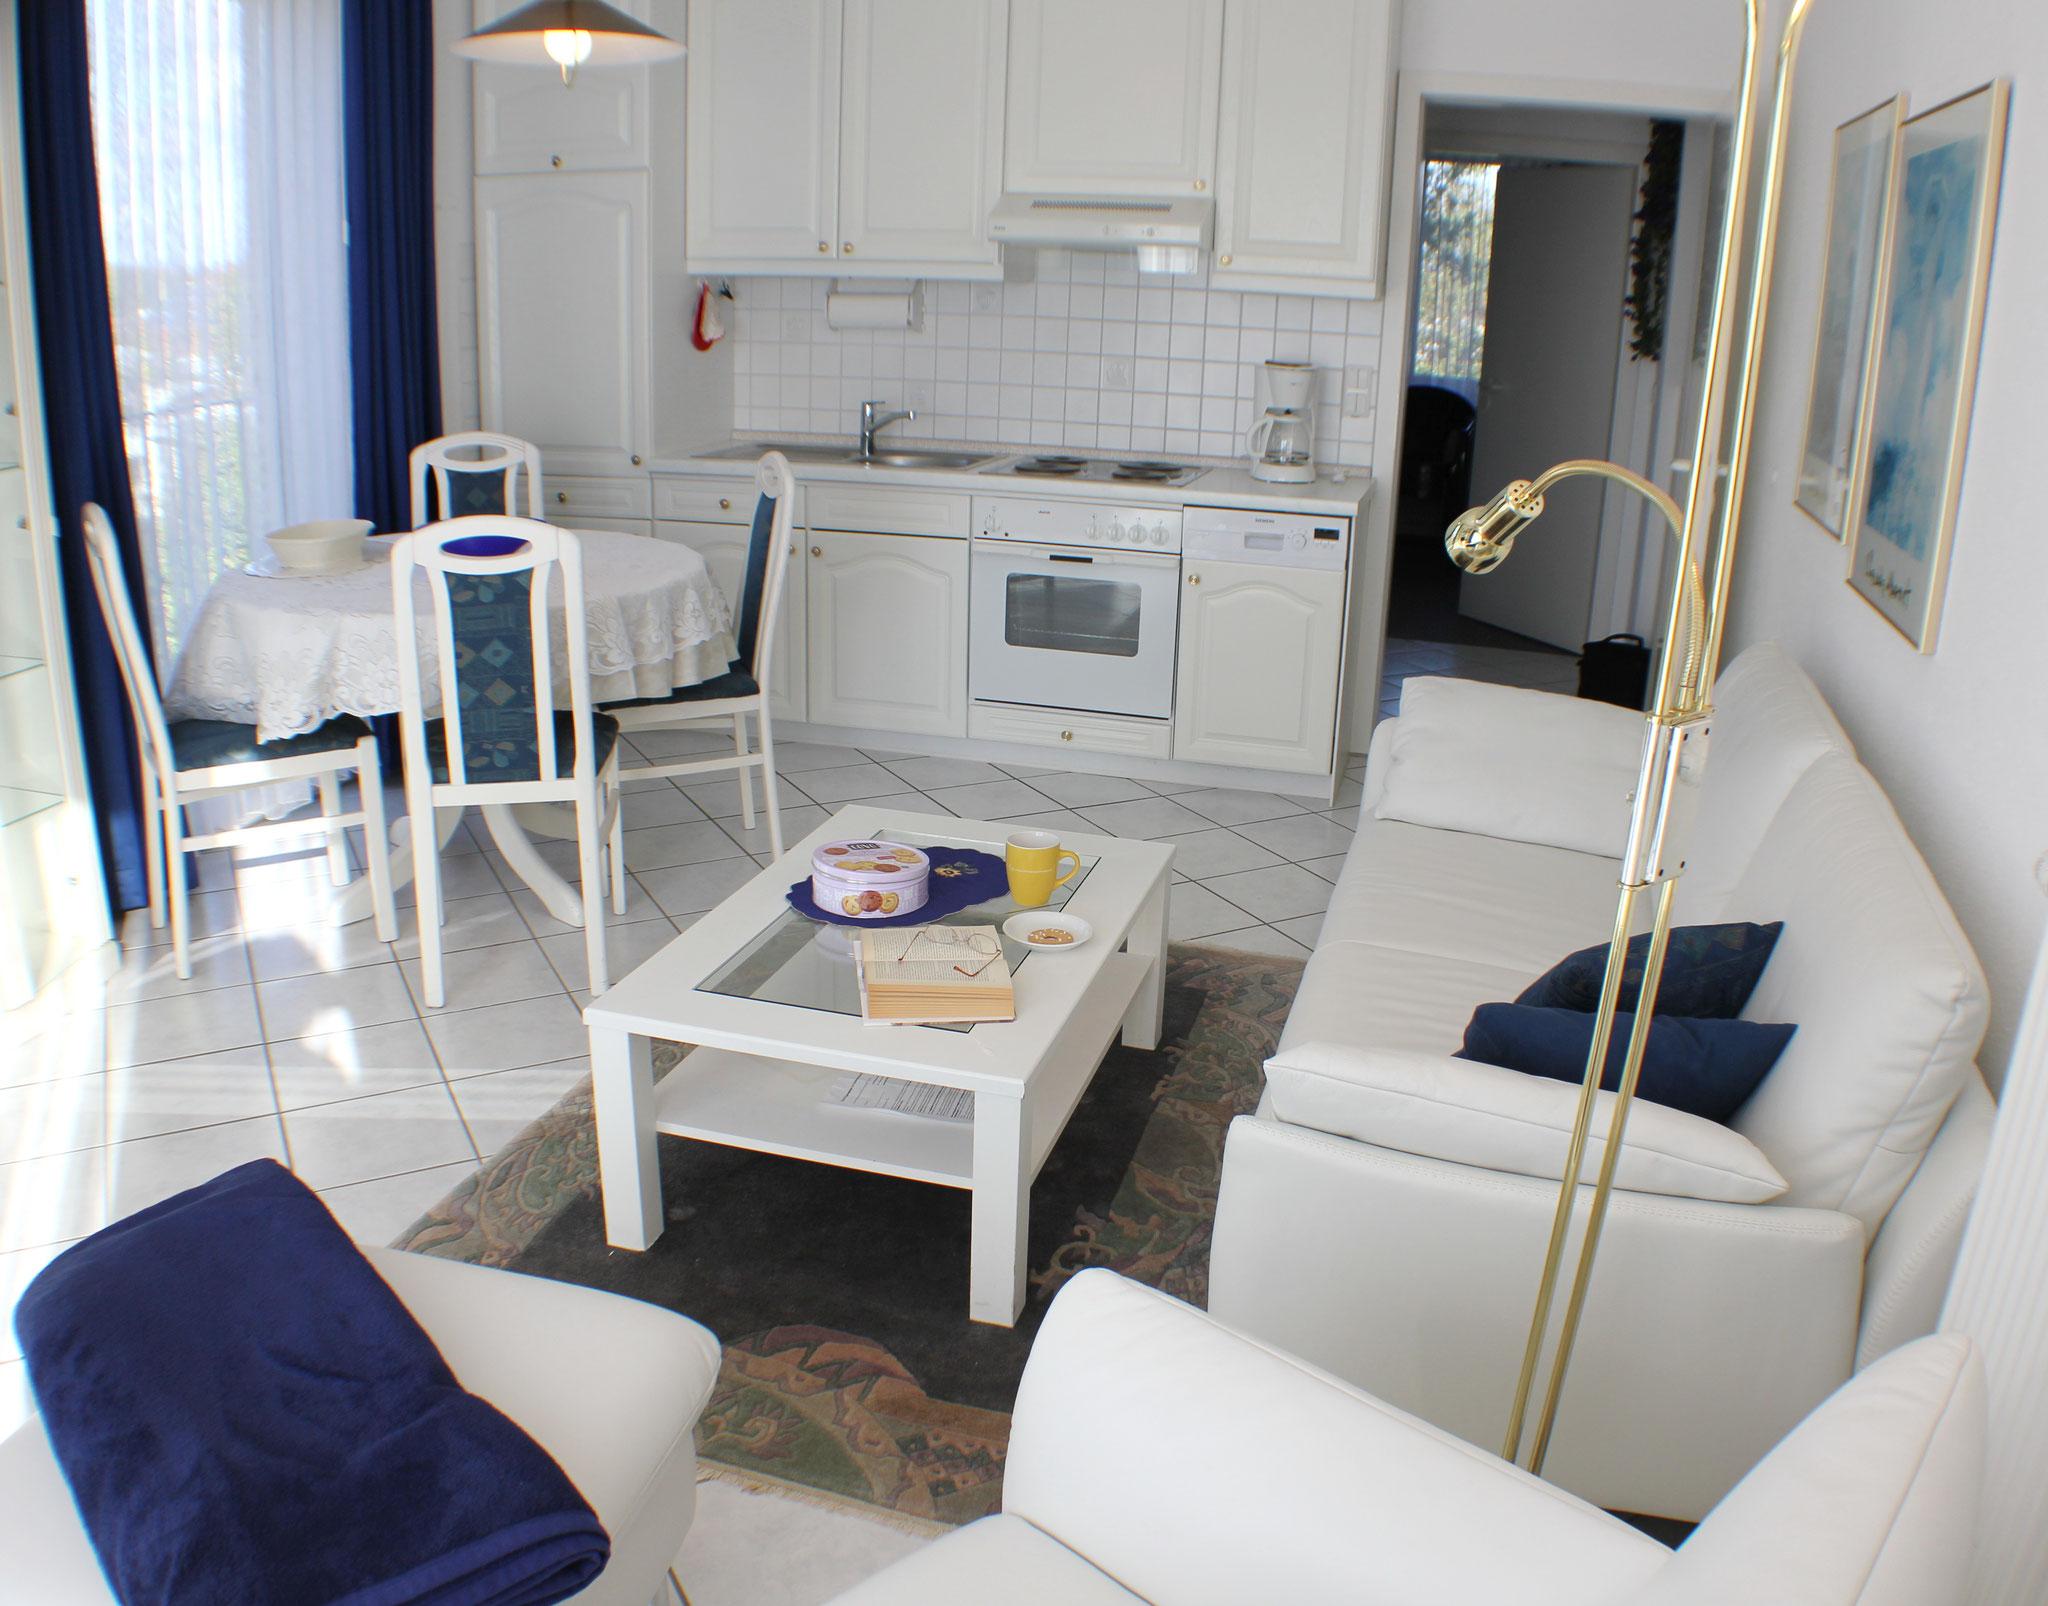 Blick auf den Essbereich und der Küchenzeile mit Geschirrspüler und Mikrowelle